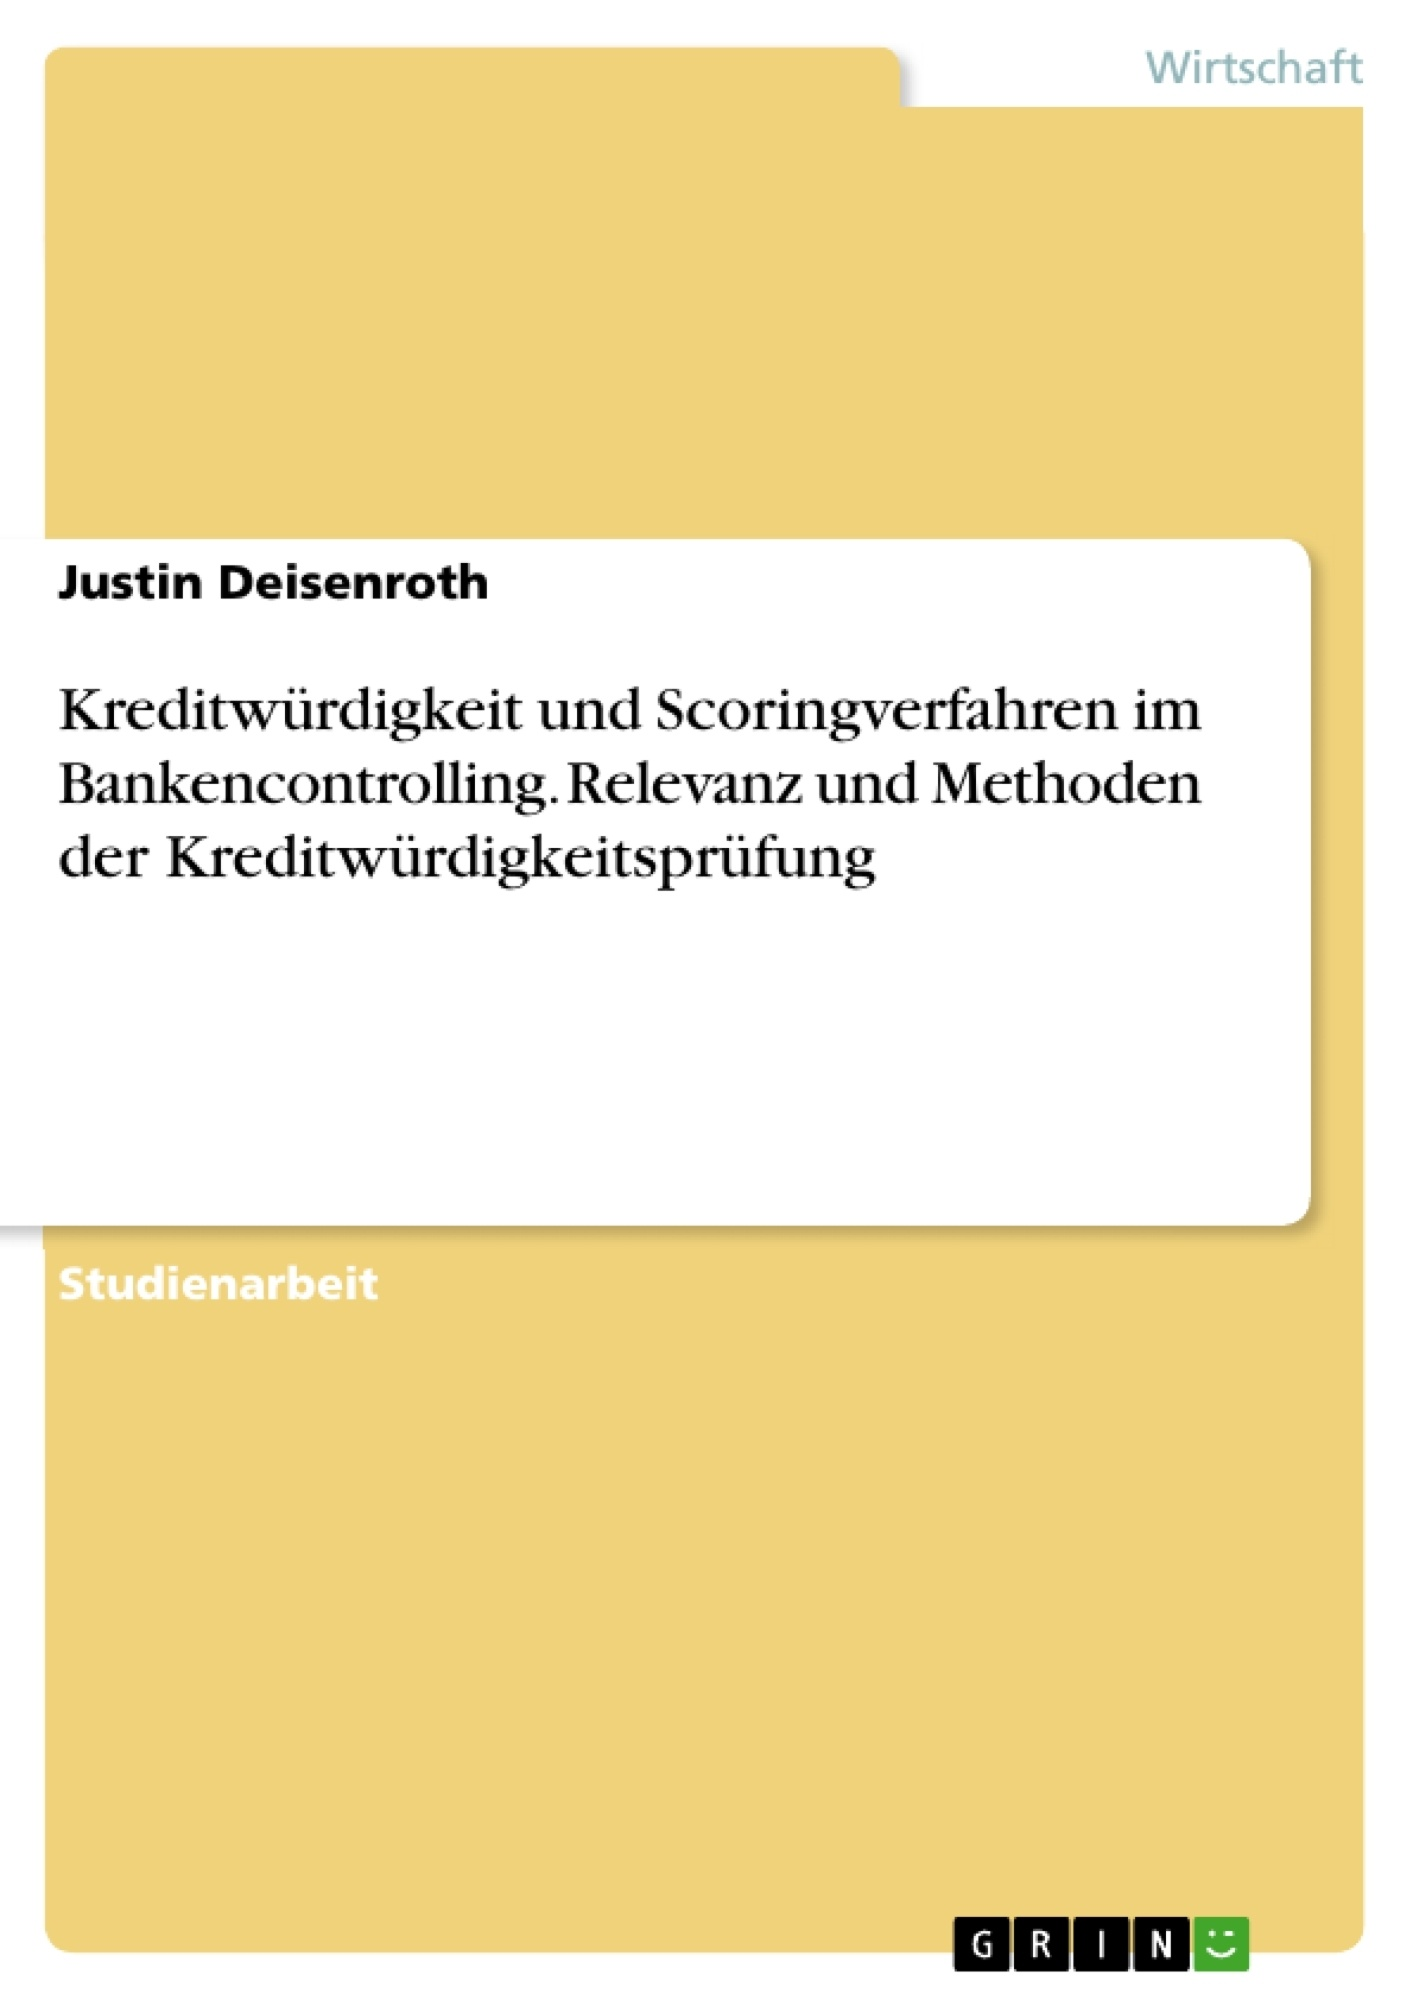 Titel: Kreditwürdigkeit und Scoringverfahren im Bankencontrolling. Relevanz und Methoden der Kreditwürdigkeitsprüfung